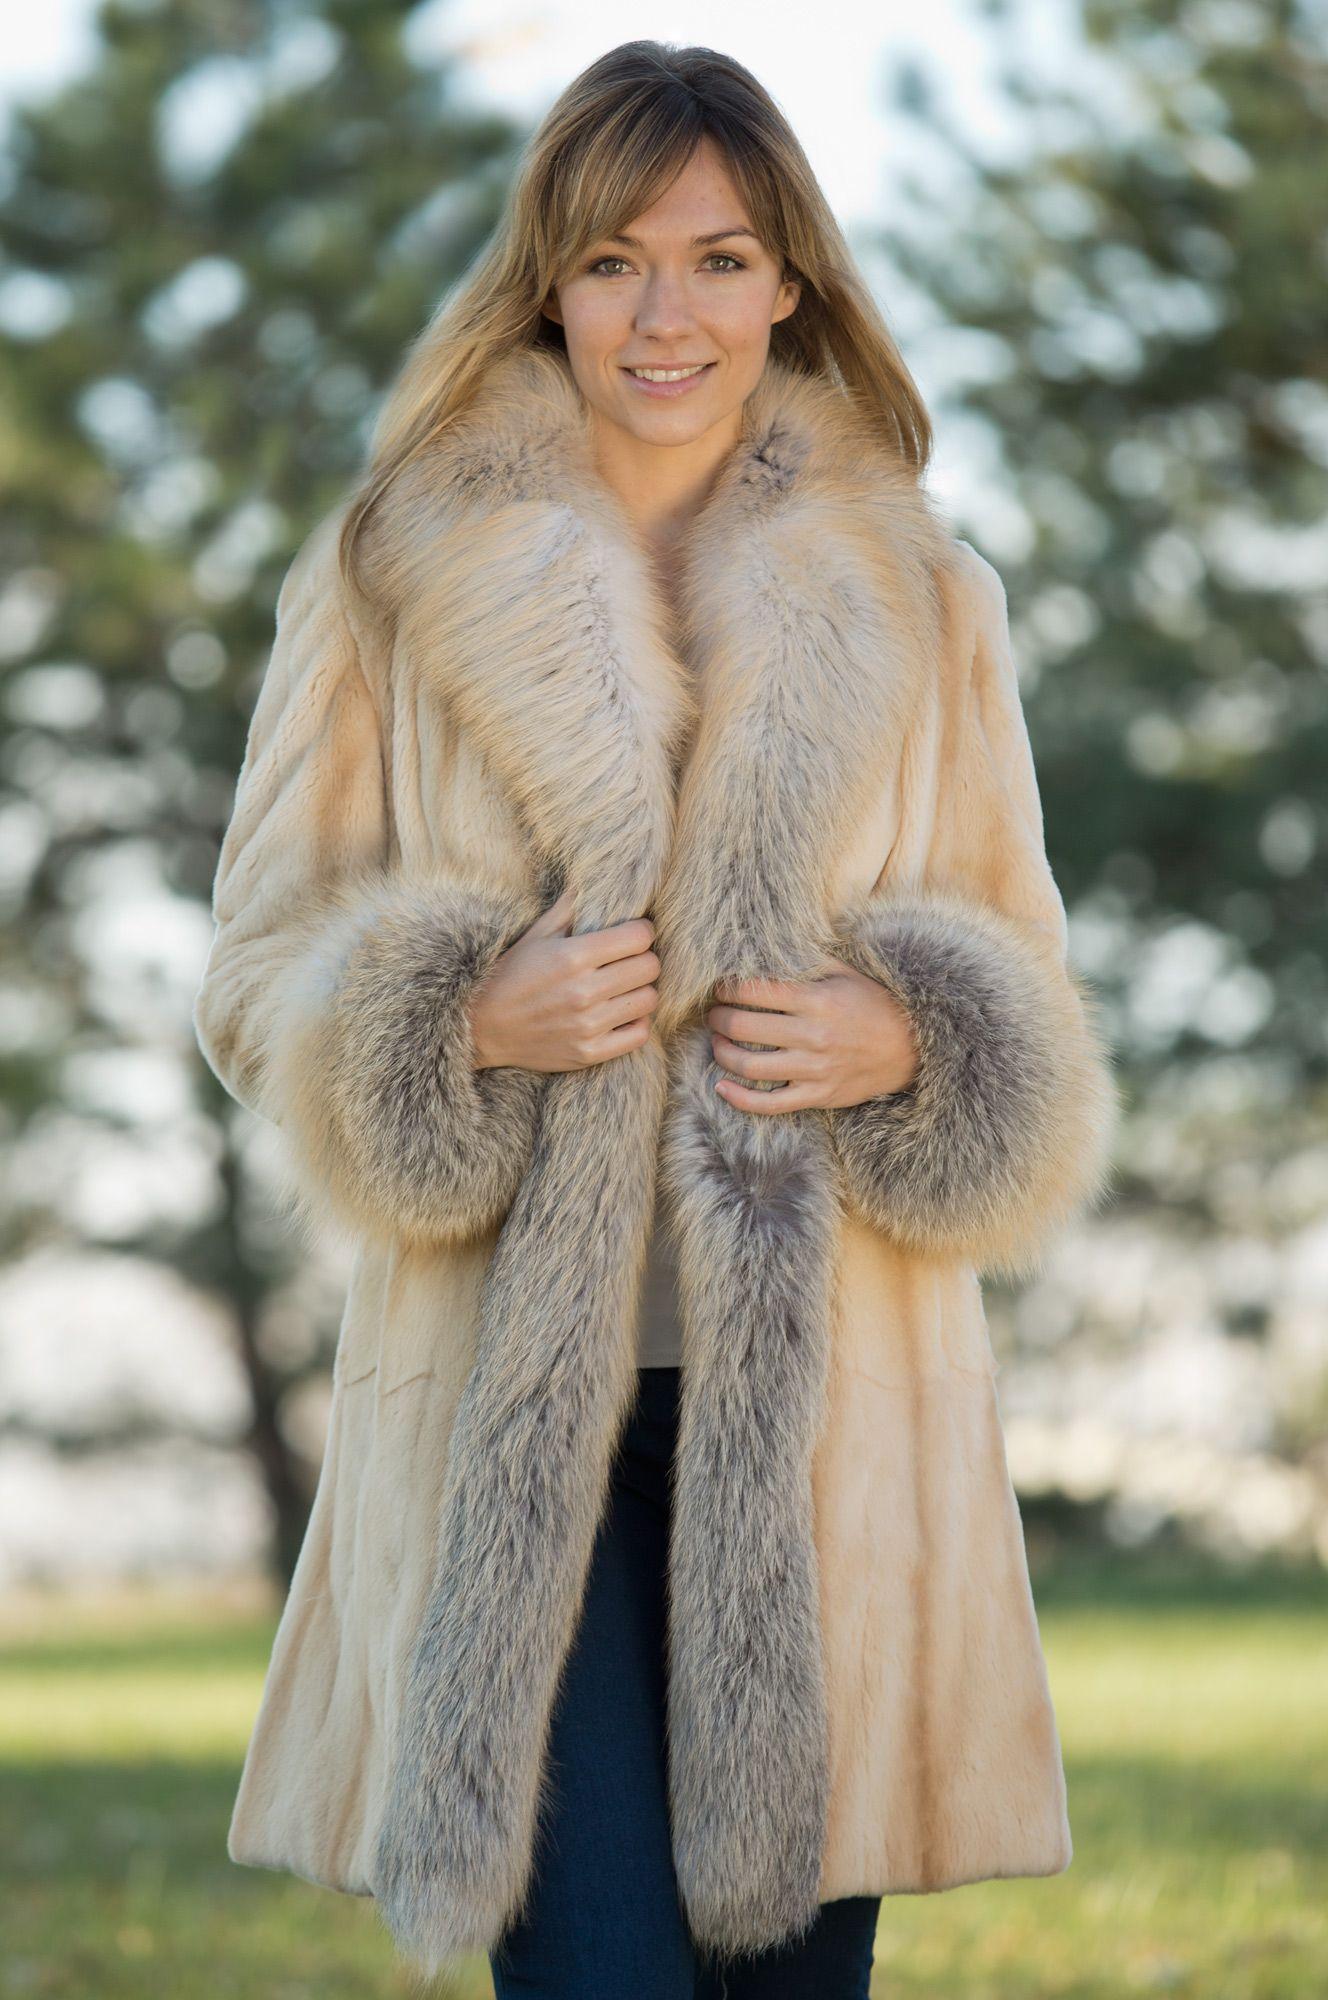 Asian Women In Fur Coats